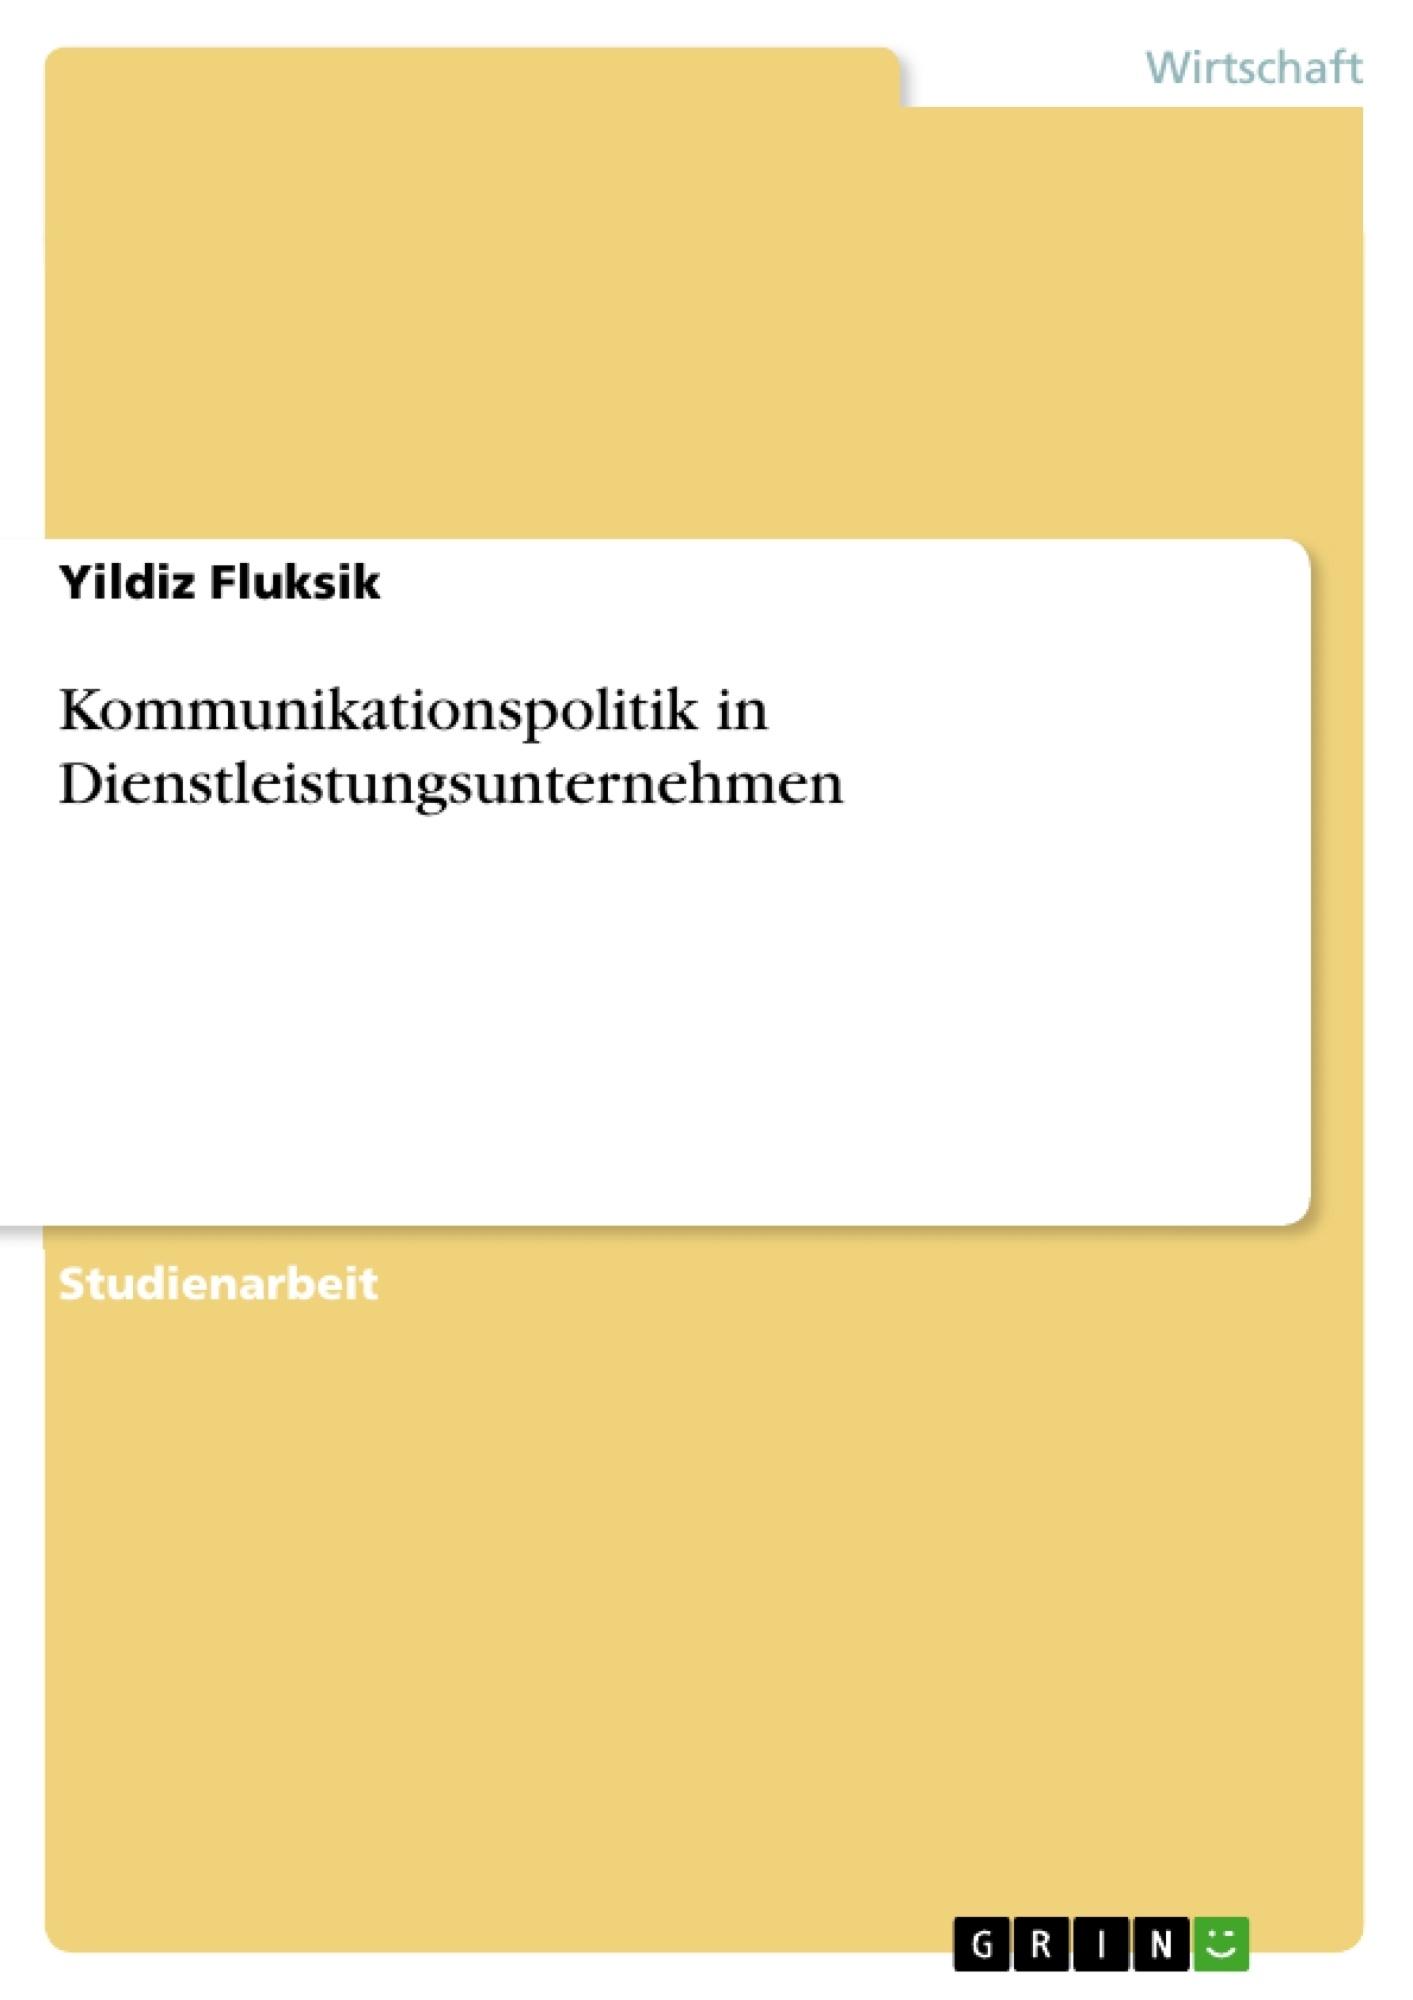 Titel: Kommunikationspolitik in Dienstleistungsunternehmen